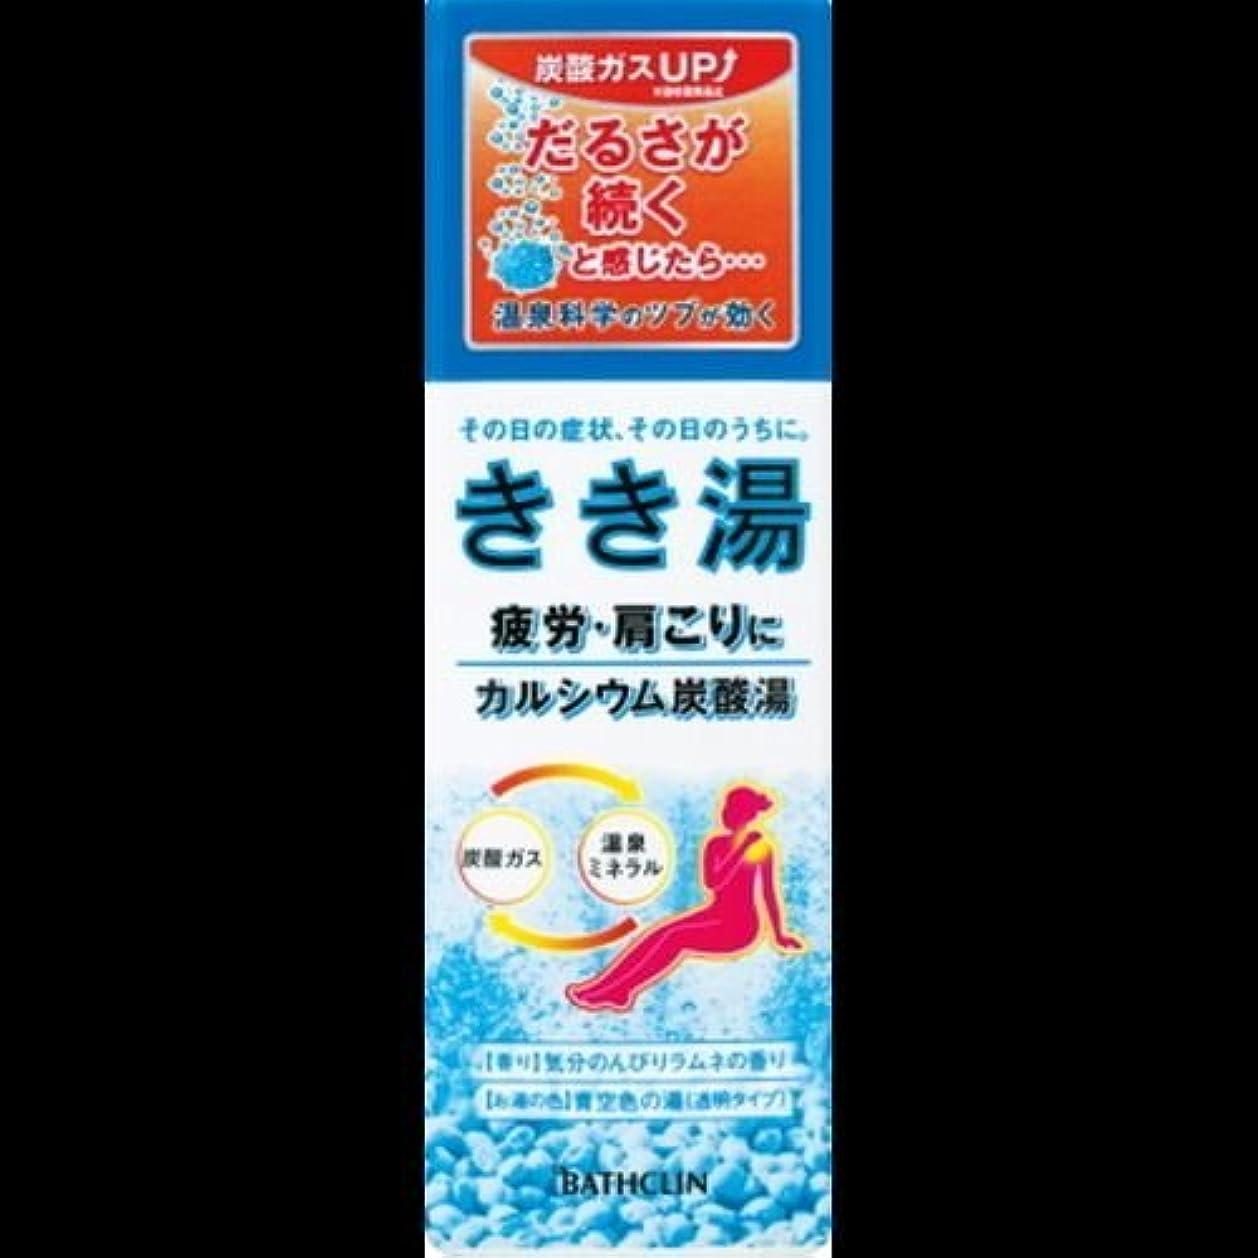 免除するシビック応答【まとめ買い】きき湯 カルシウム炭酸湯 気分のんびりラムネの香り 青空色の湯(透明タイプ) 360g ×2セット